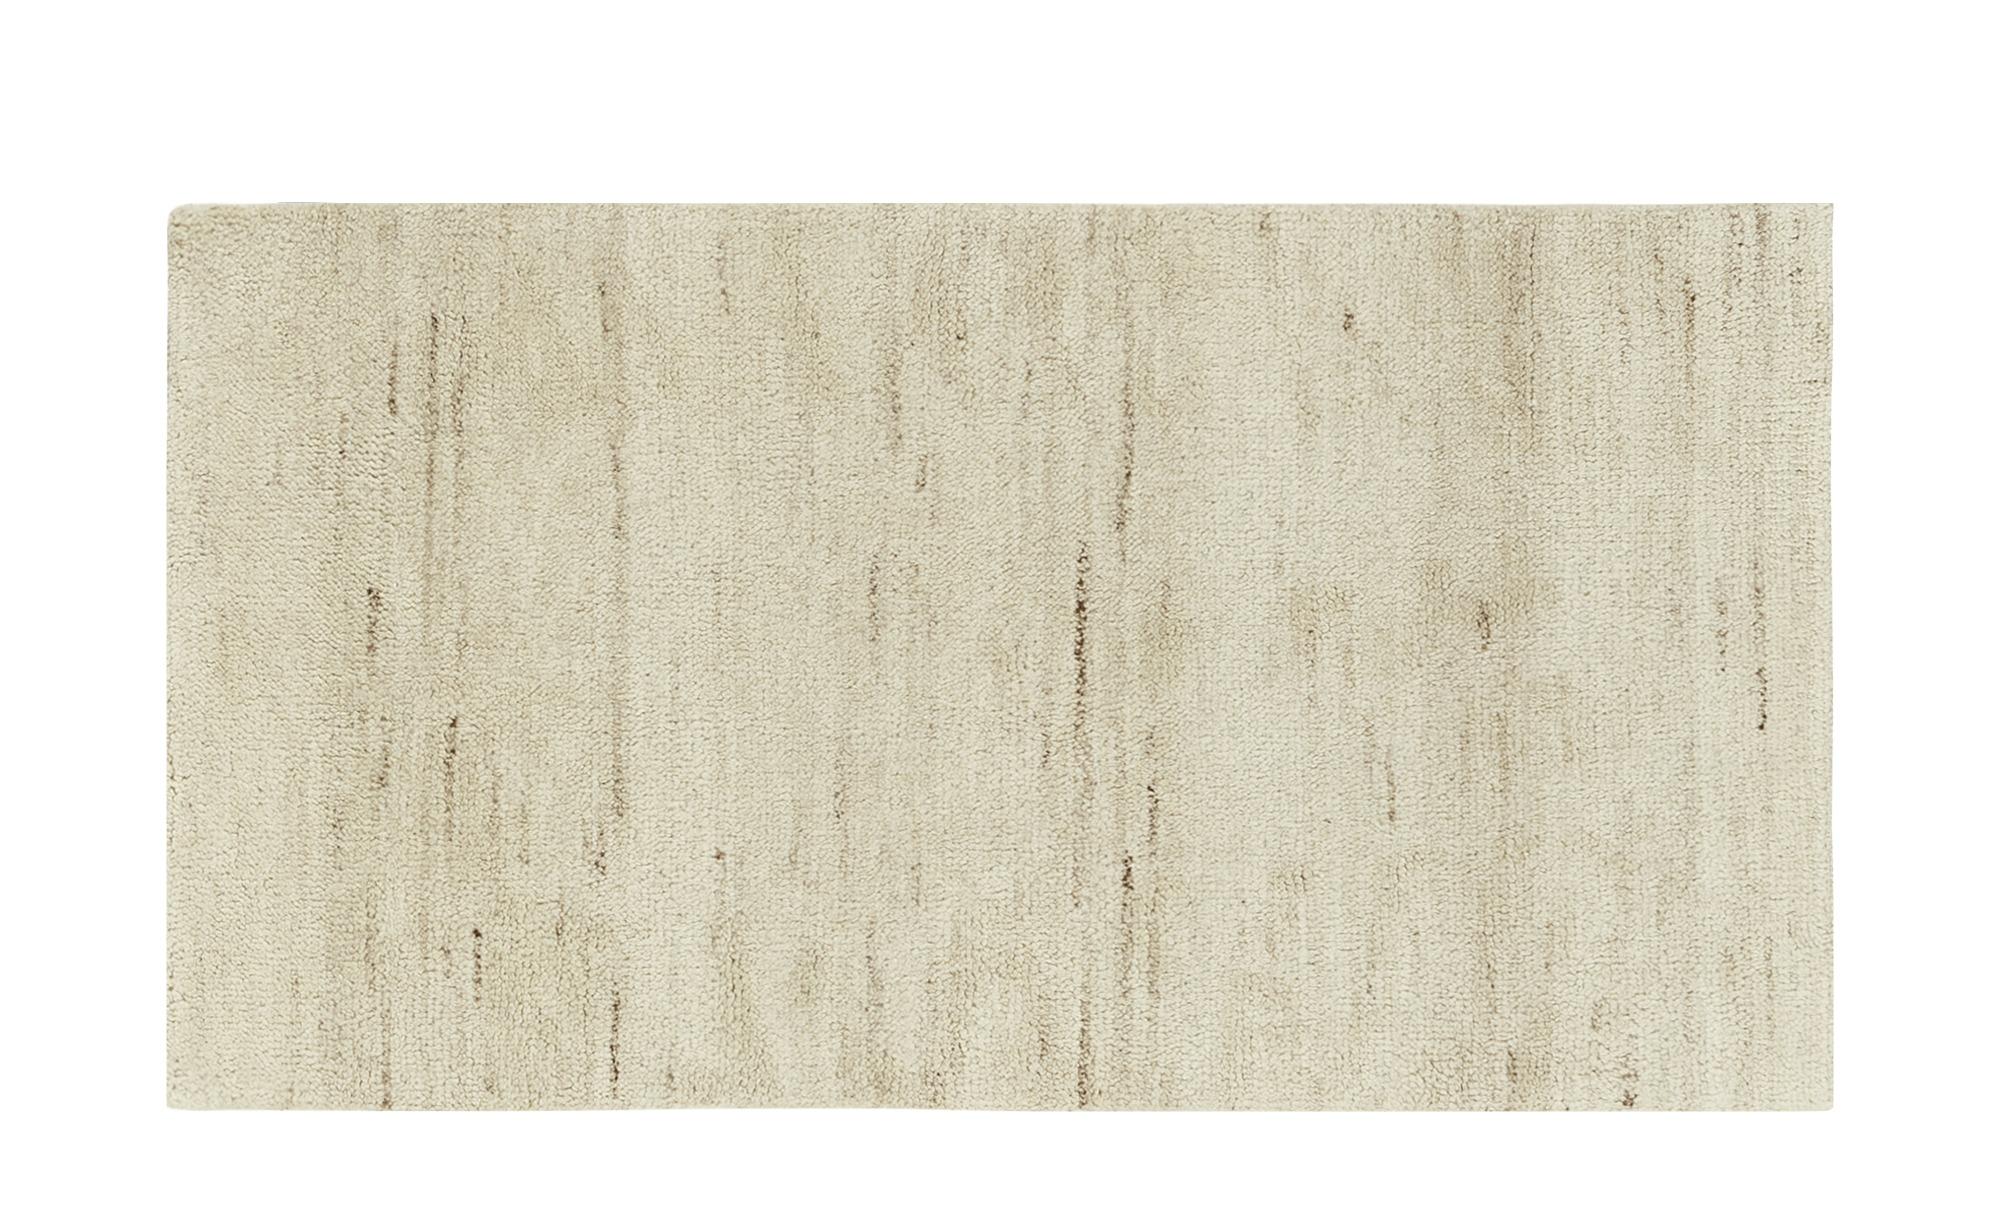 Berber-Teppich  Marrakesh simple ¦ creme ¦ reine Wolle, Wolle ¦ Maße (cm): B: 90 Teppiche > Wohnteppiche > Naturteppiche - Höffner | Heimtextilien > Teppiche > Berberteppiche | Möbel Höffner DE